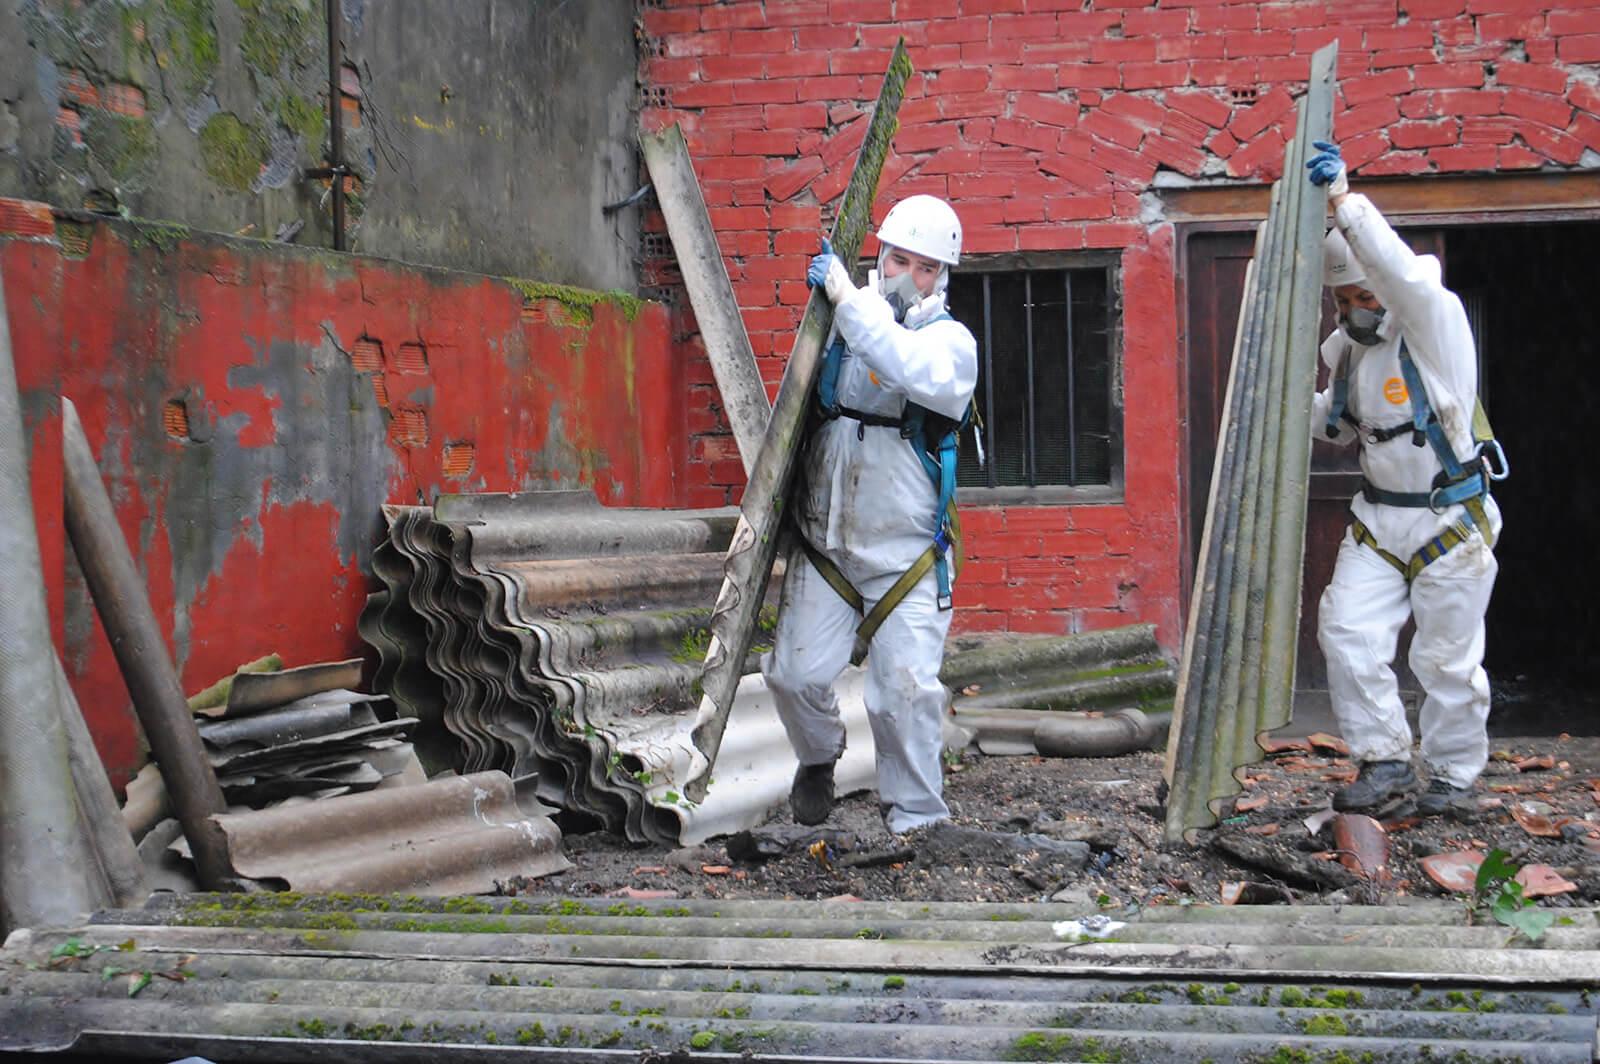 Licensed Asbestos Removal - Worker remove asbestos